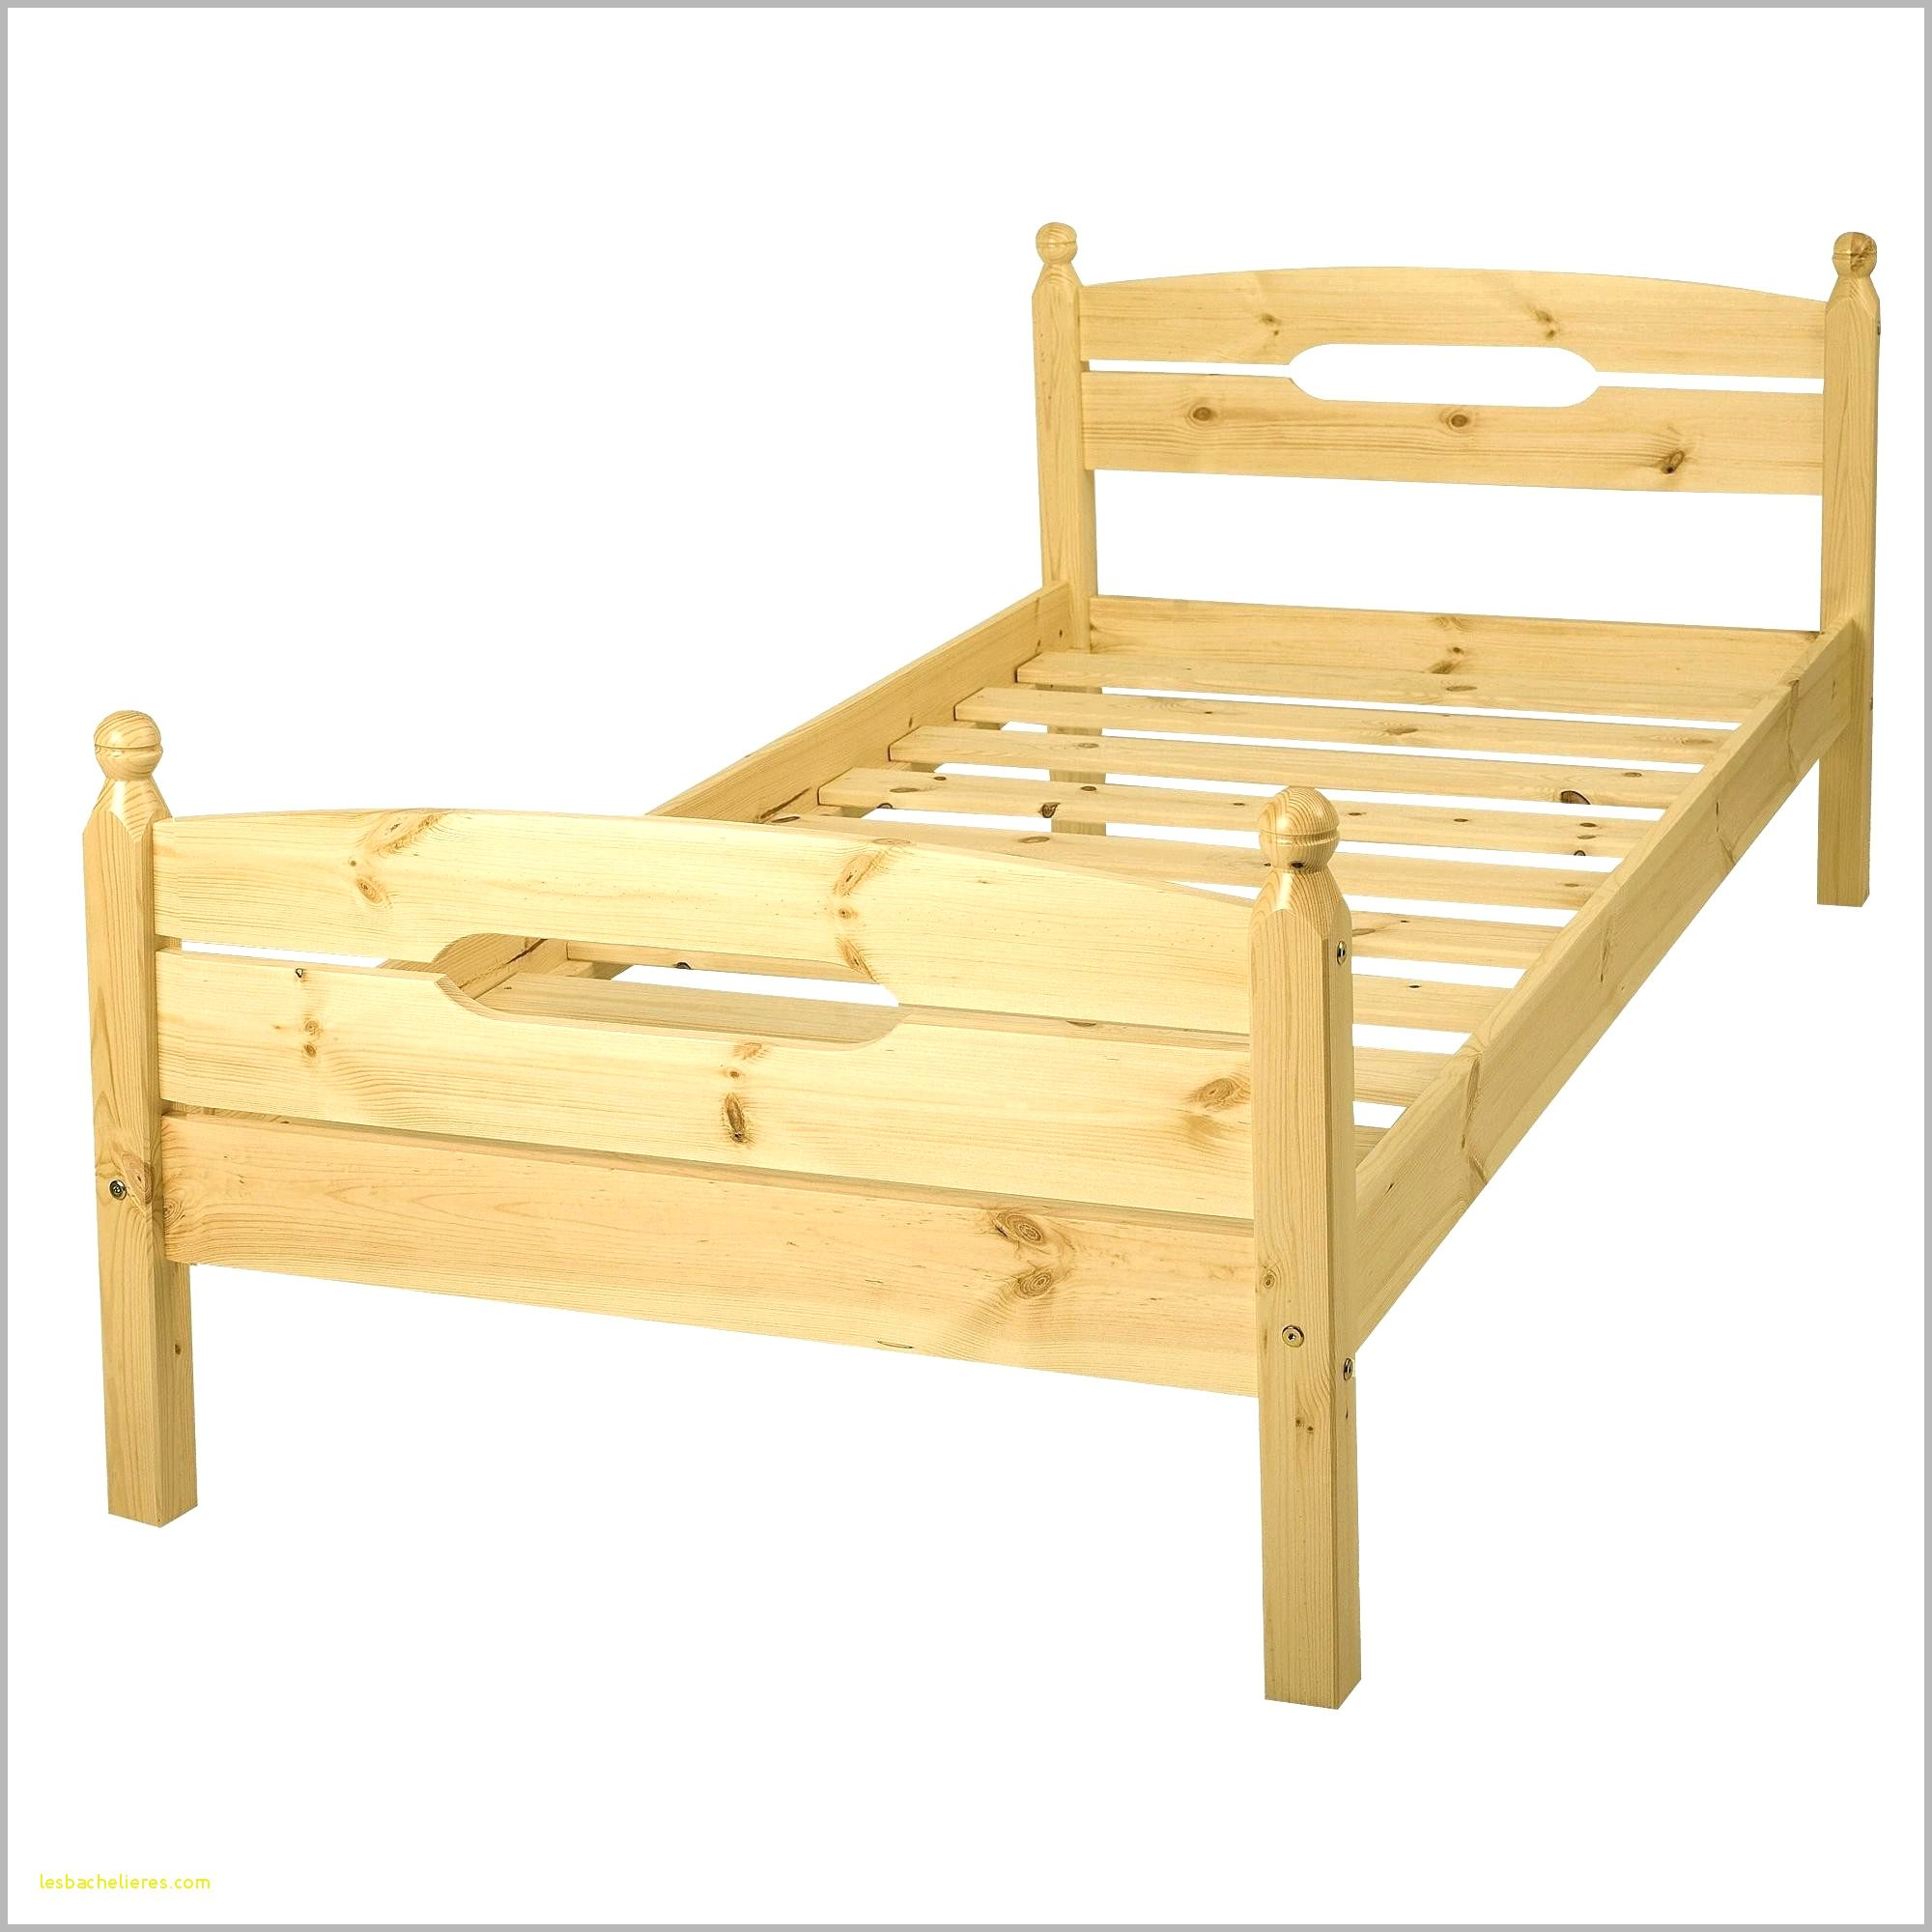 Lit Rabattable Ikea Inspirant Résultat Supérieur Armoires Lits Escamotables Ikea Merveilleux